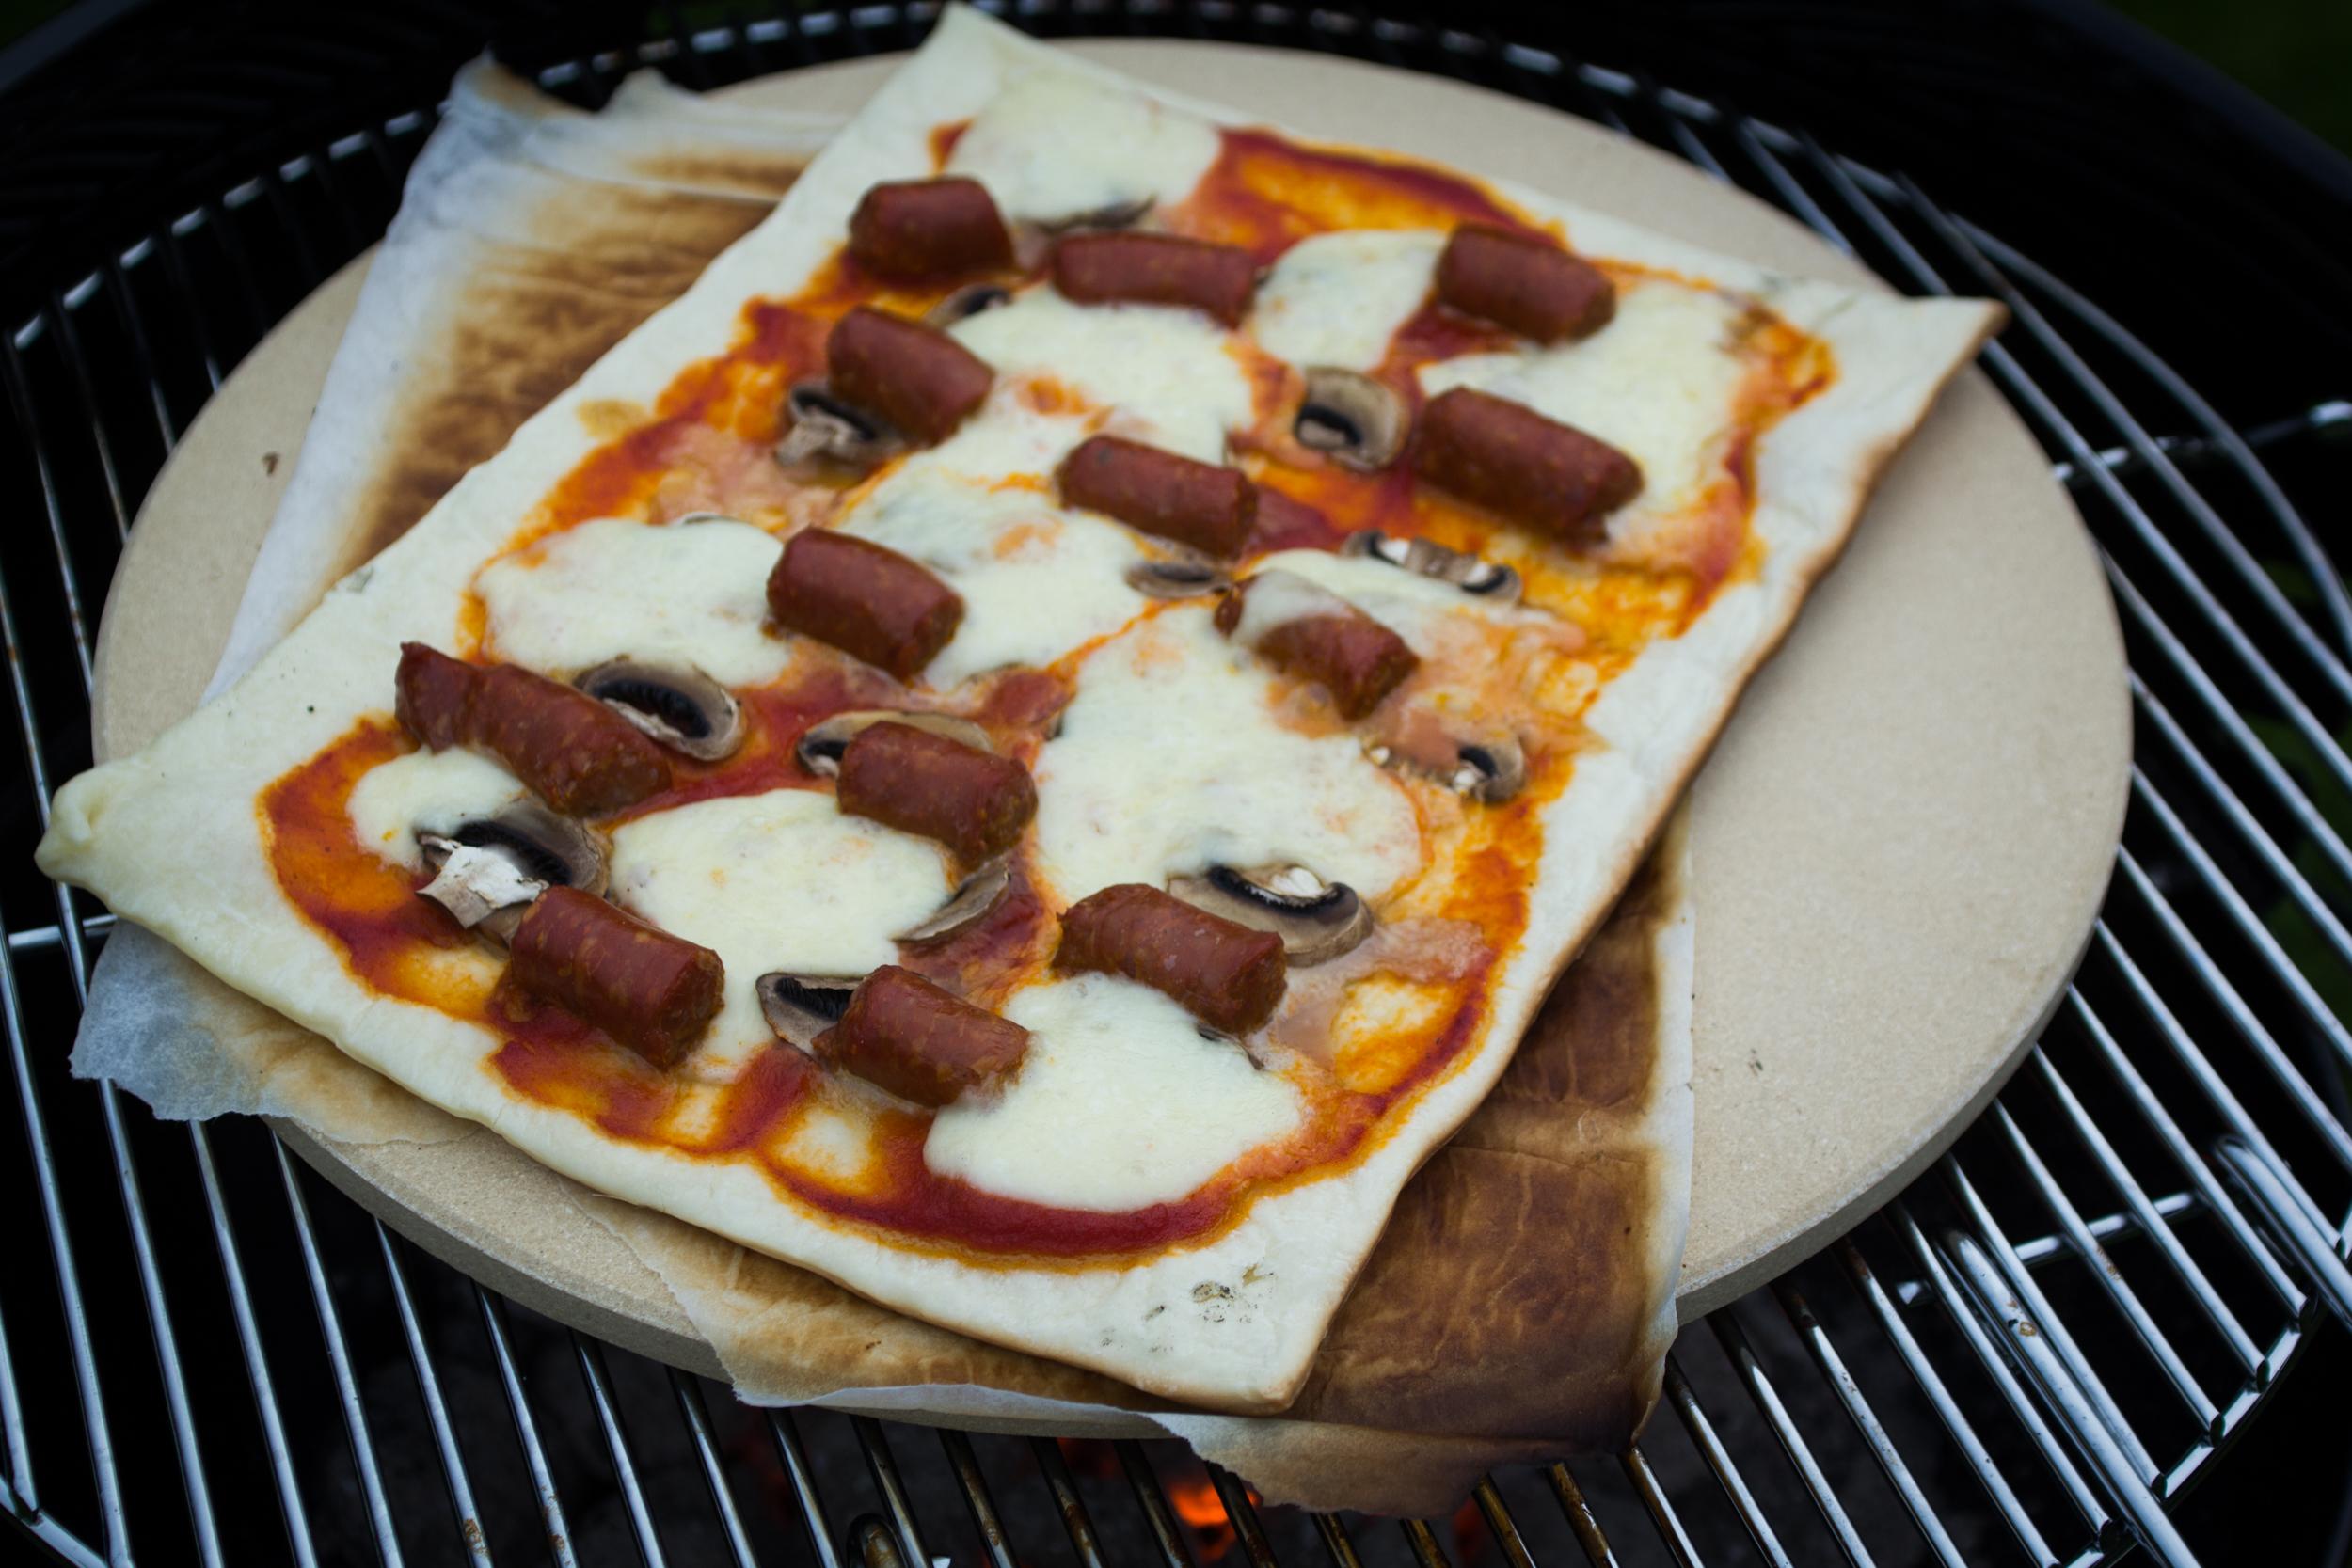 Pizza s bakken op de barbecue hot cuisine de pierre for Pizza bakken op tafel